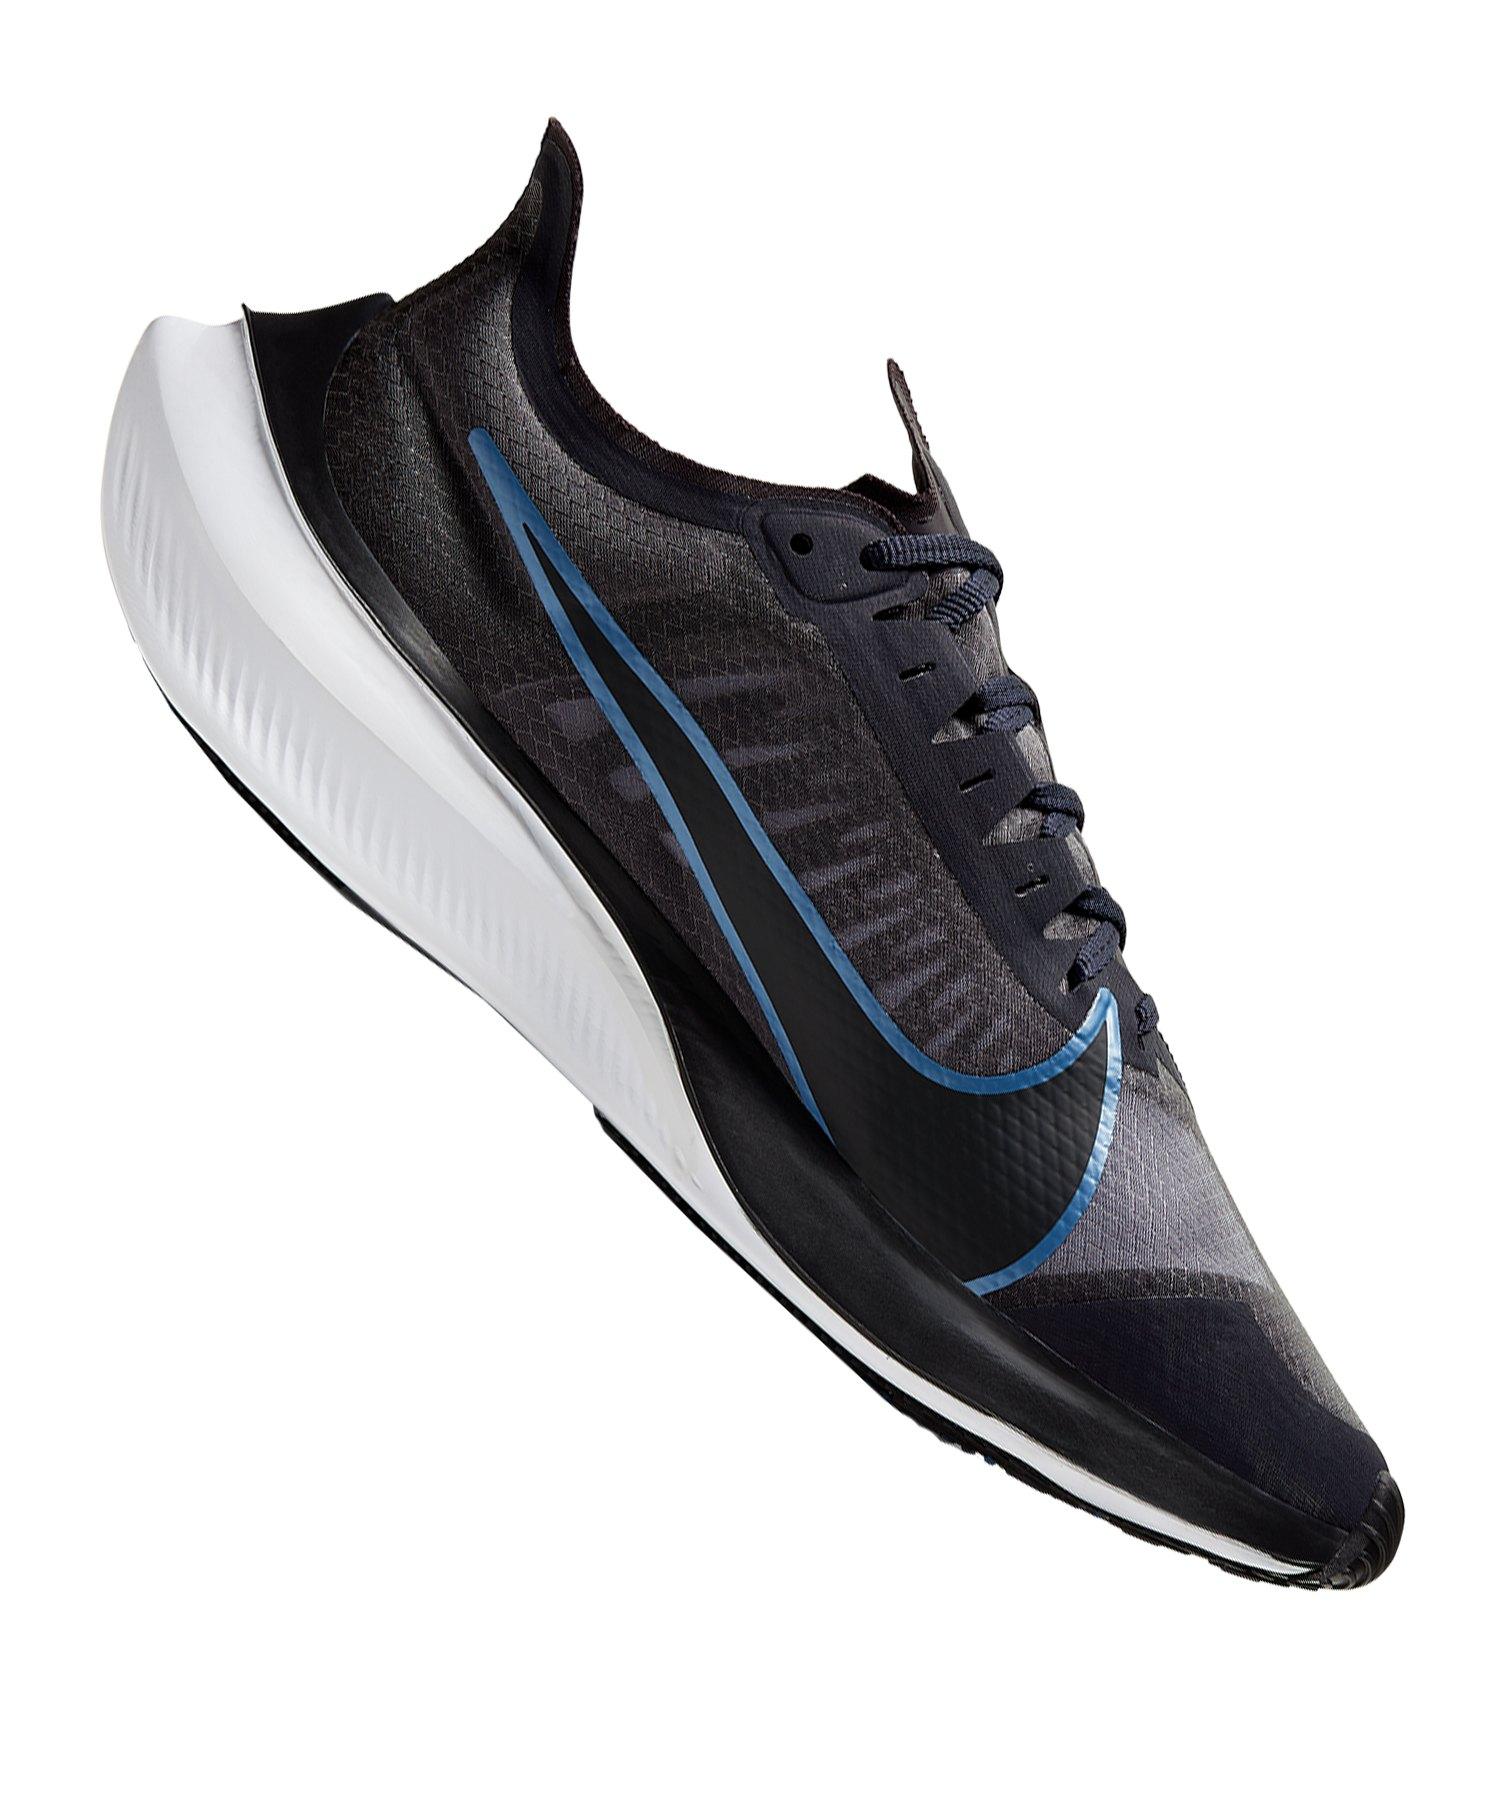 Nike Zoom Gravity Running Grau Blau F007 - grau